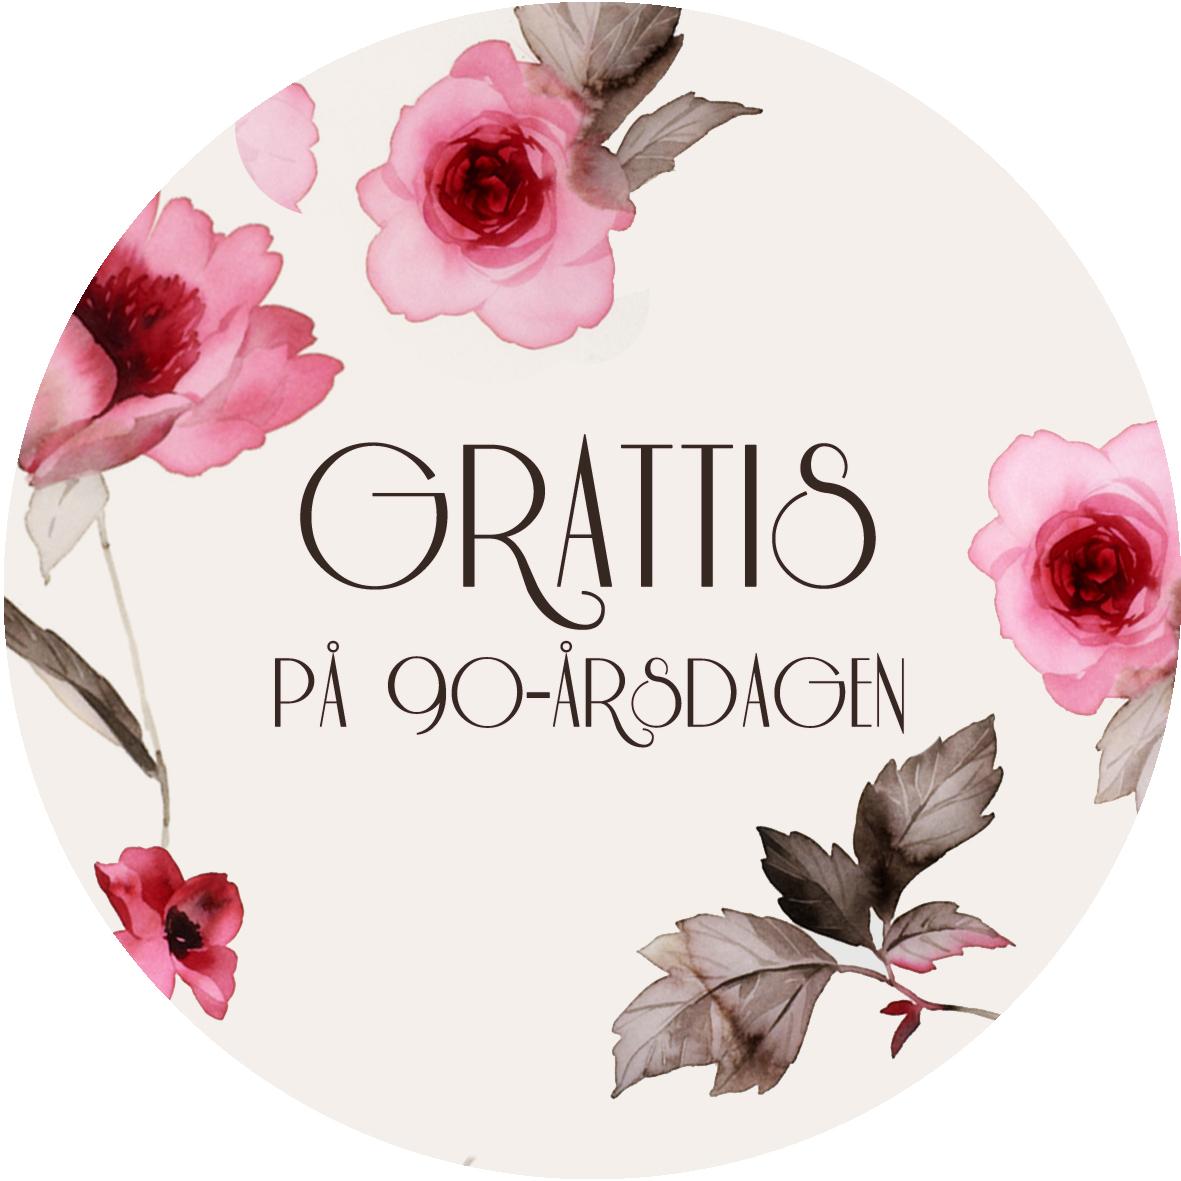 grattis på 90 årsdagen 90 år rosa blommor grattis på 90 årsdagen